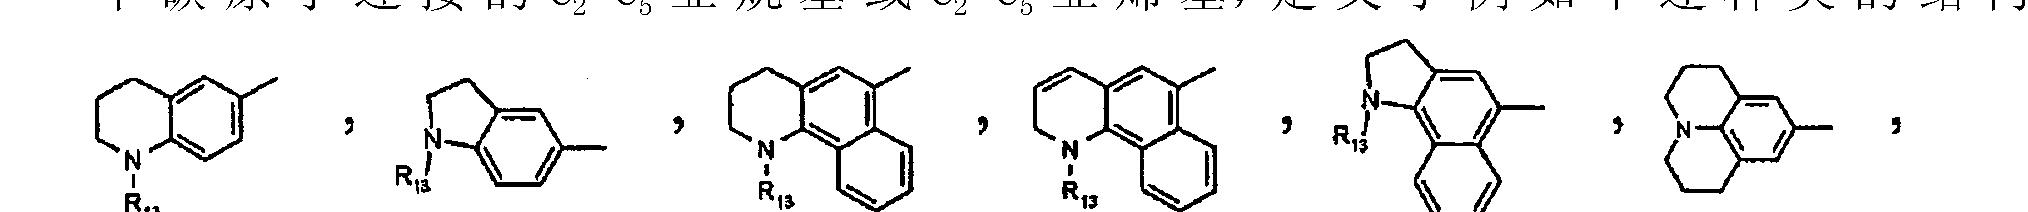 Figure CN101321727BD00124